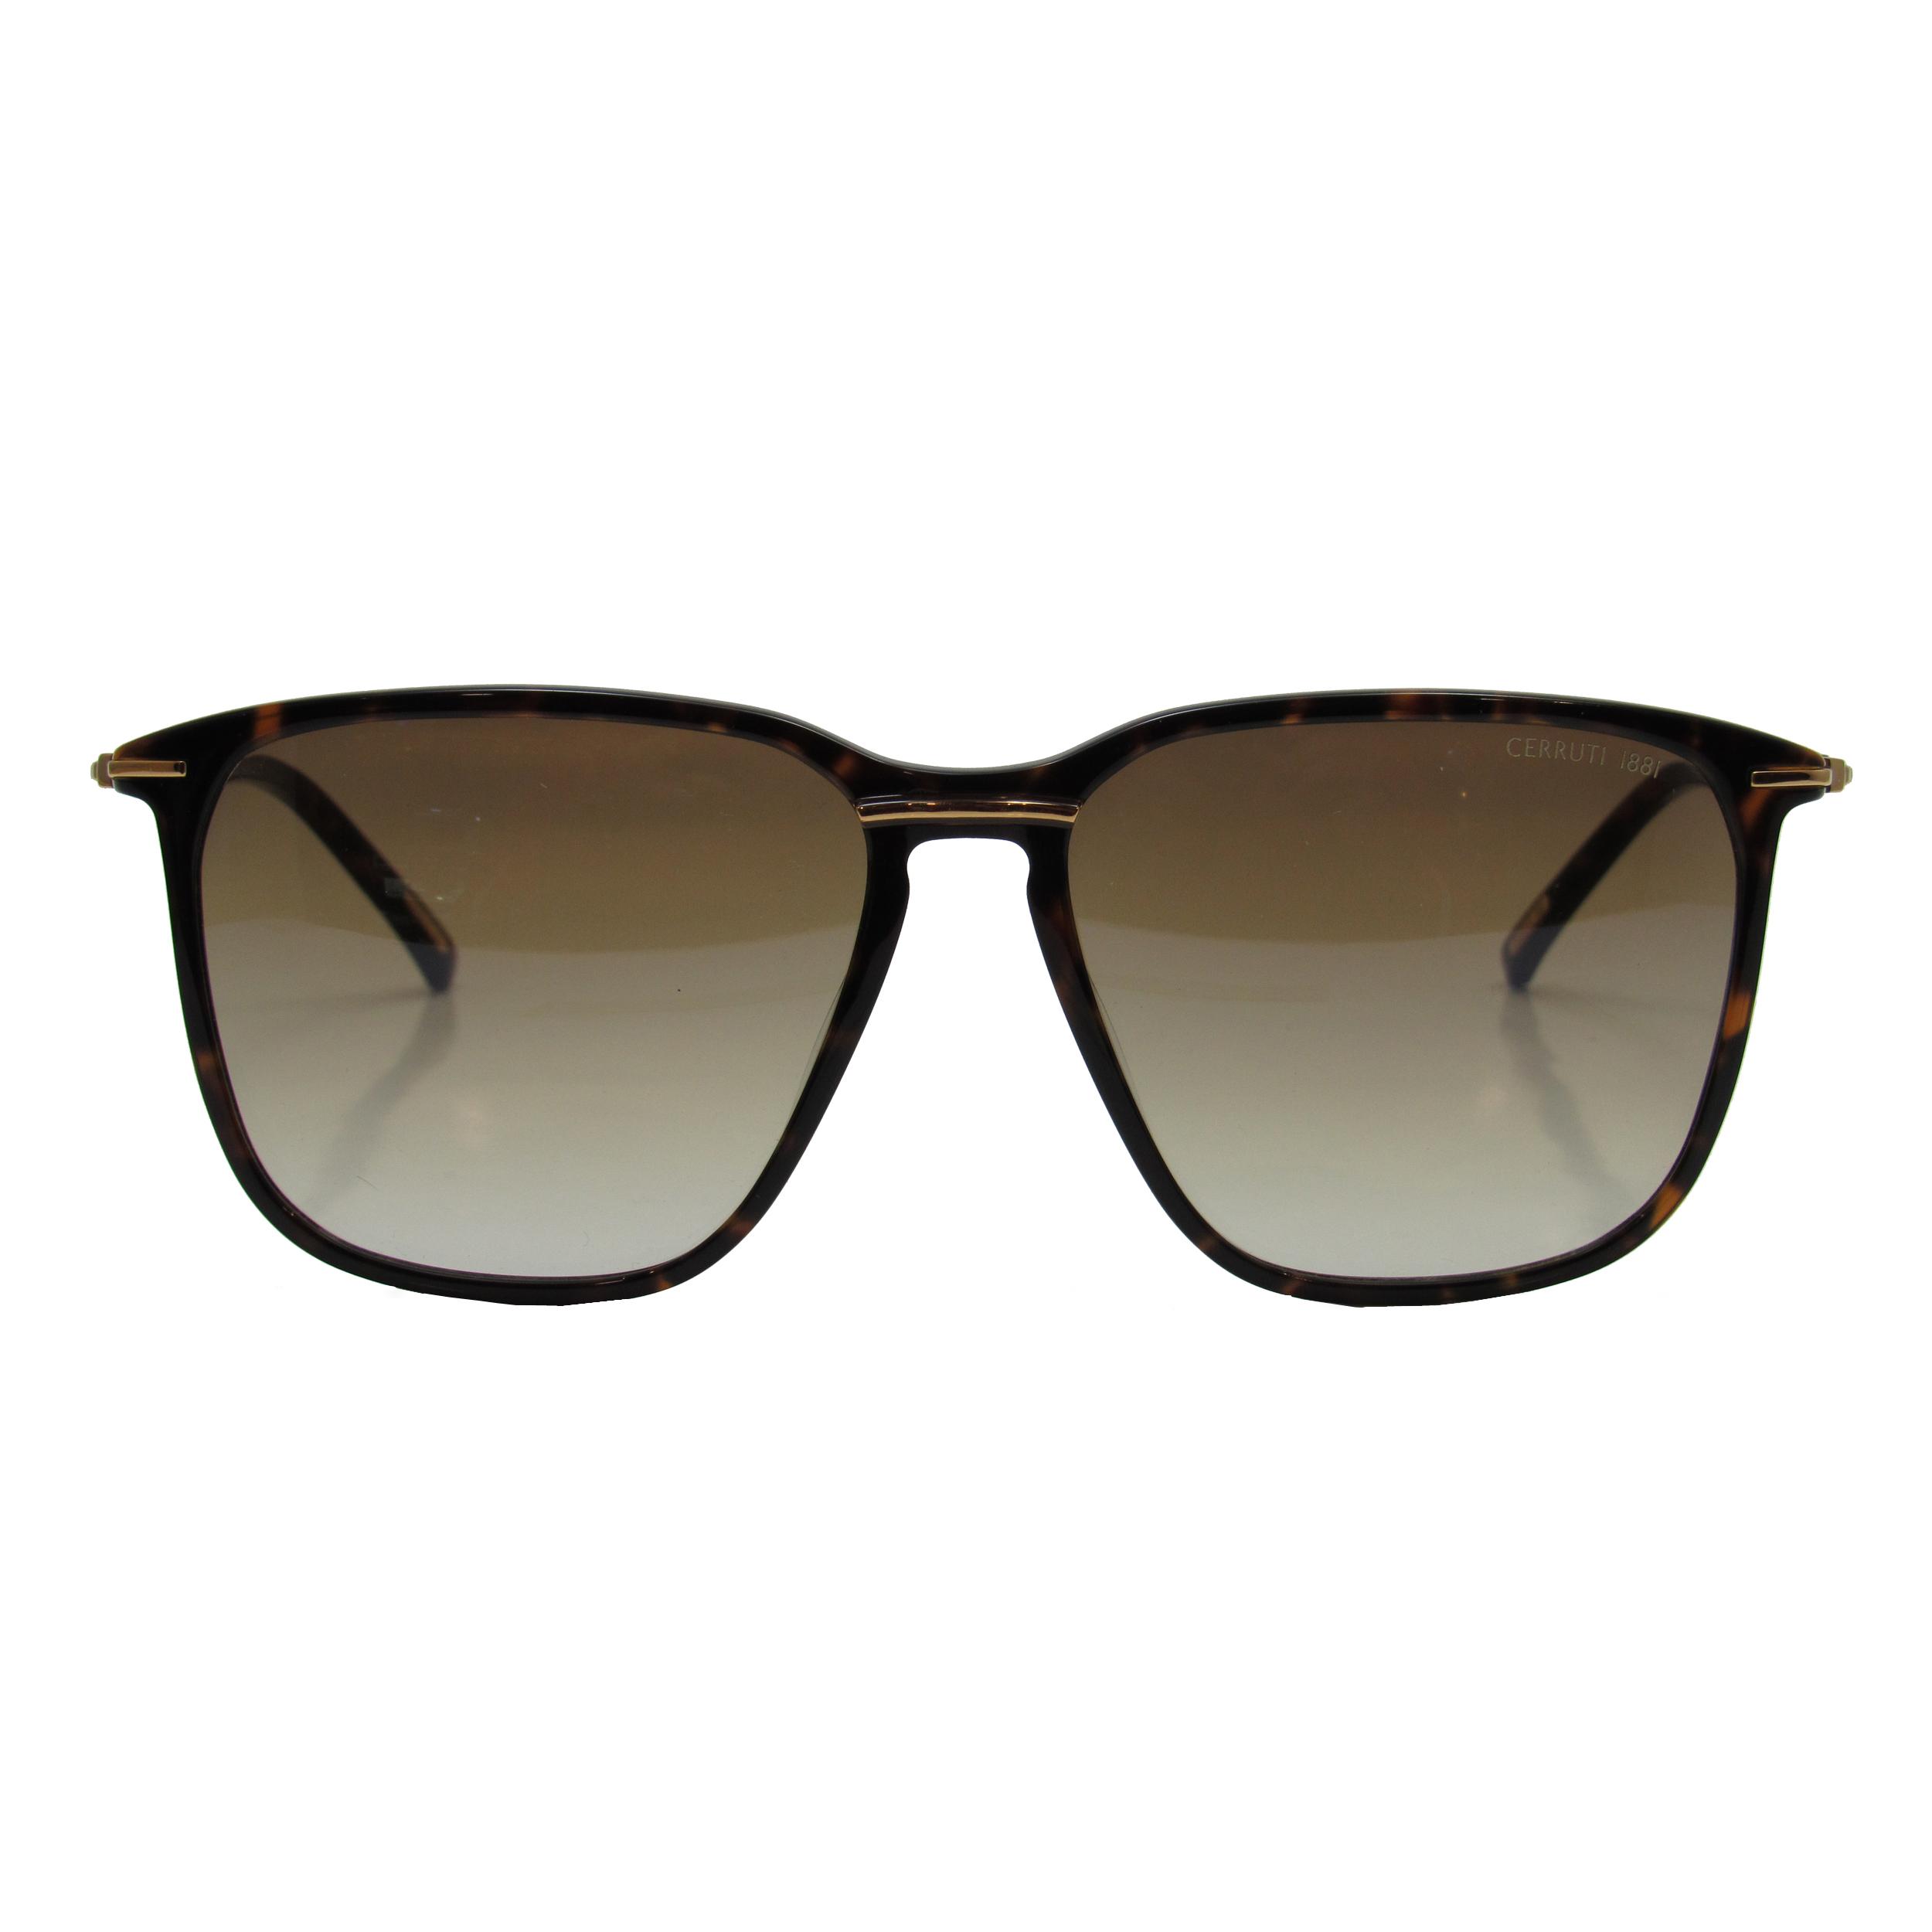 عینک آفتابی چروتی 1881 مدل CE8575 - C3